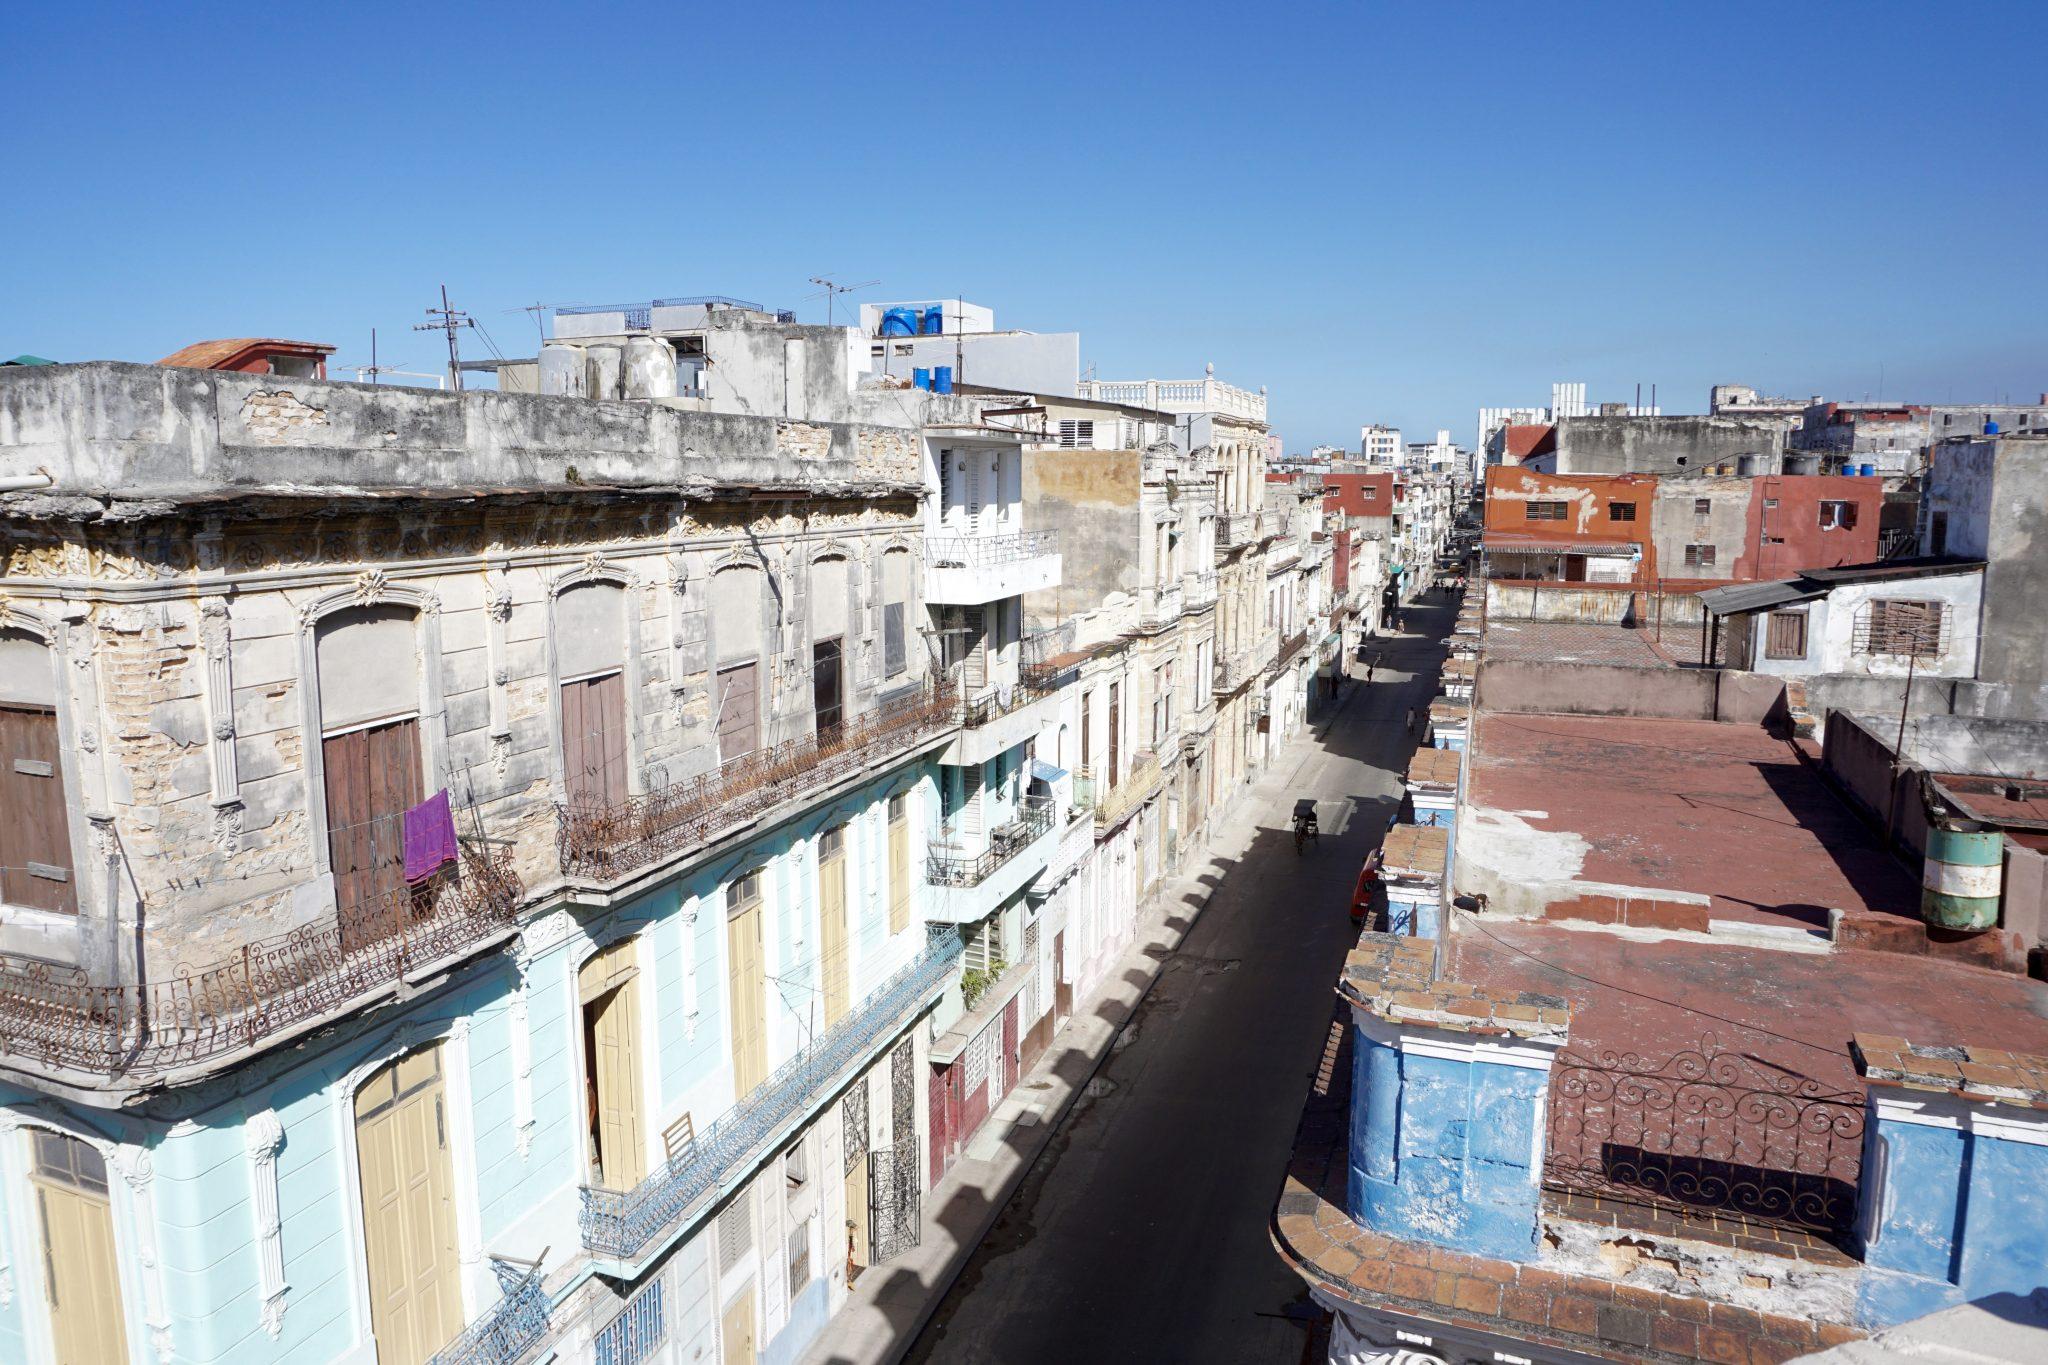 Havana, Cuba, streets, rooftops